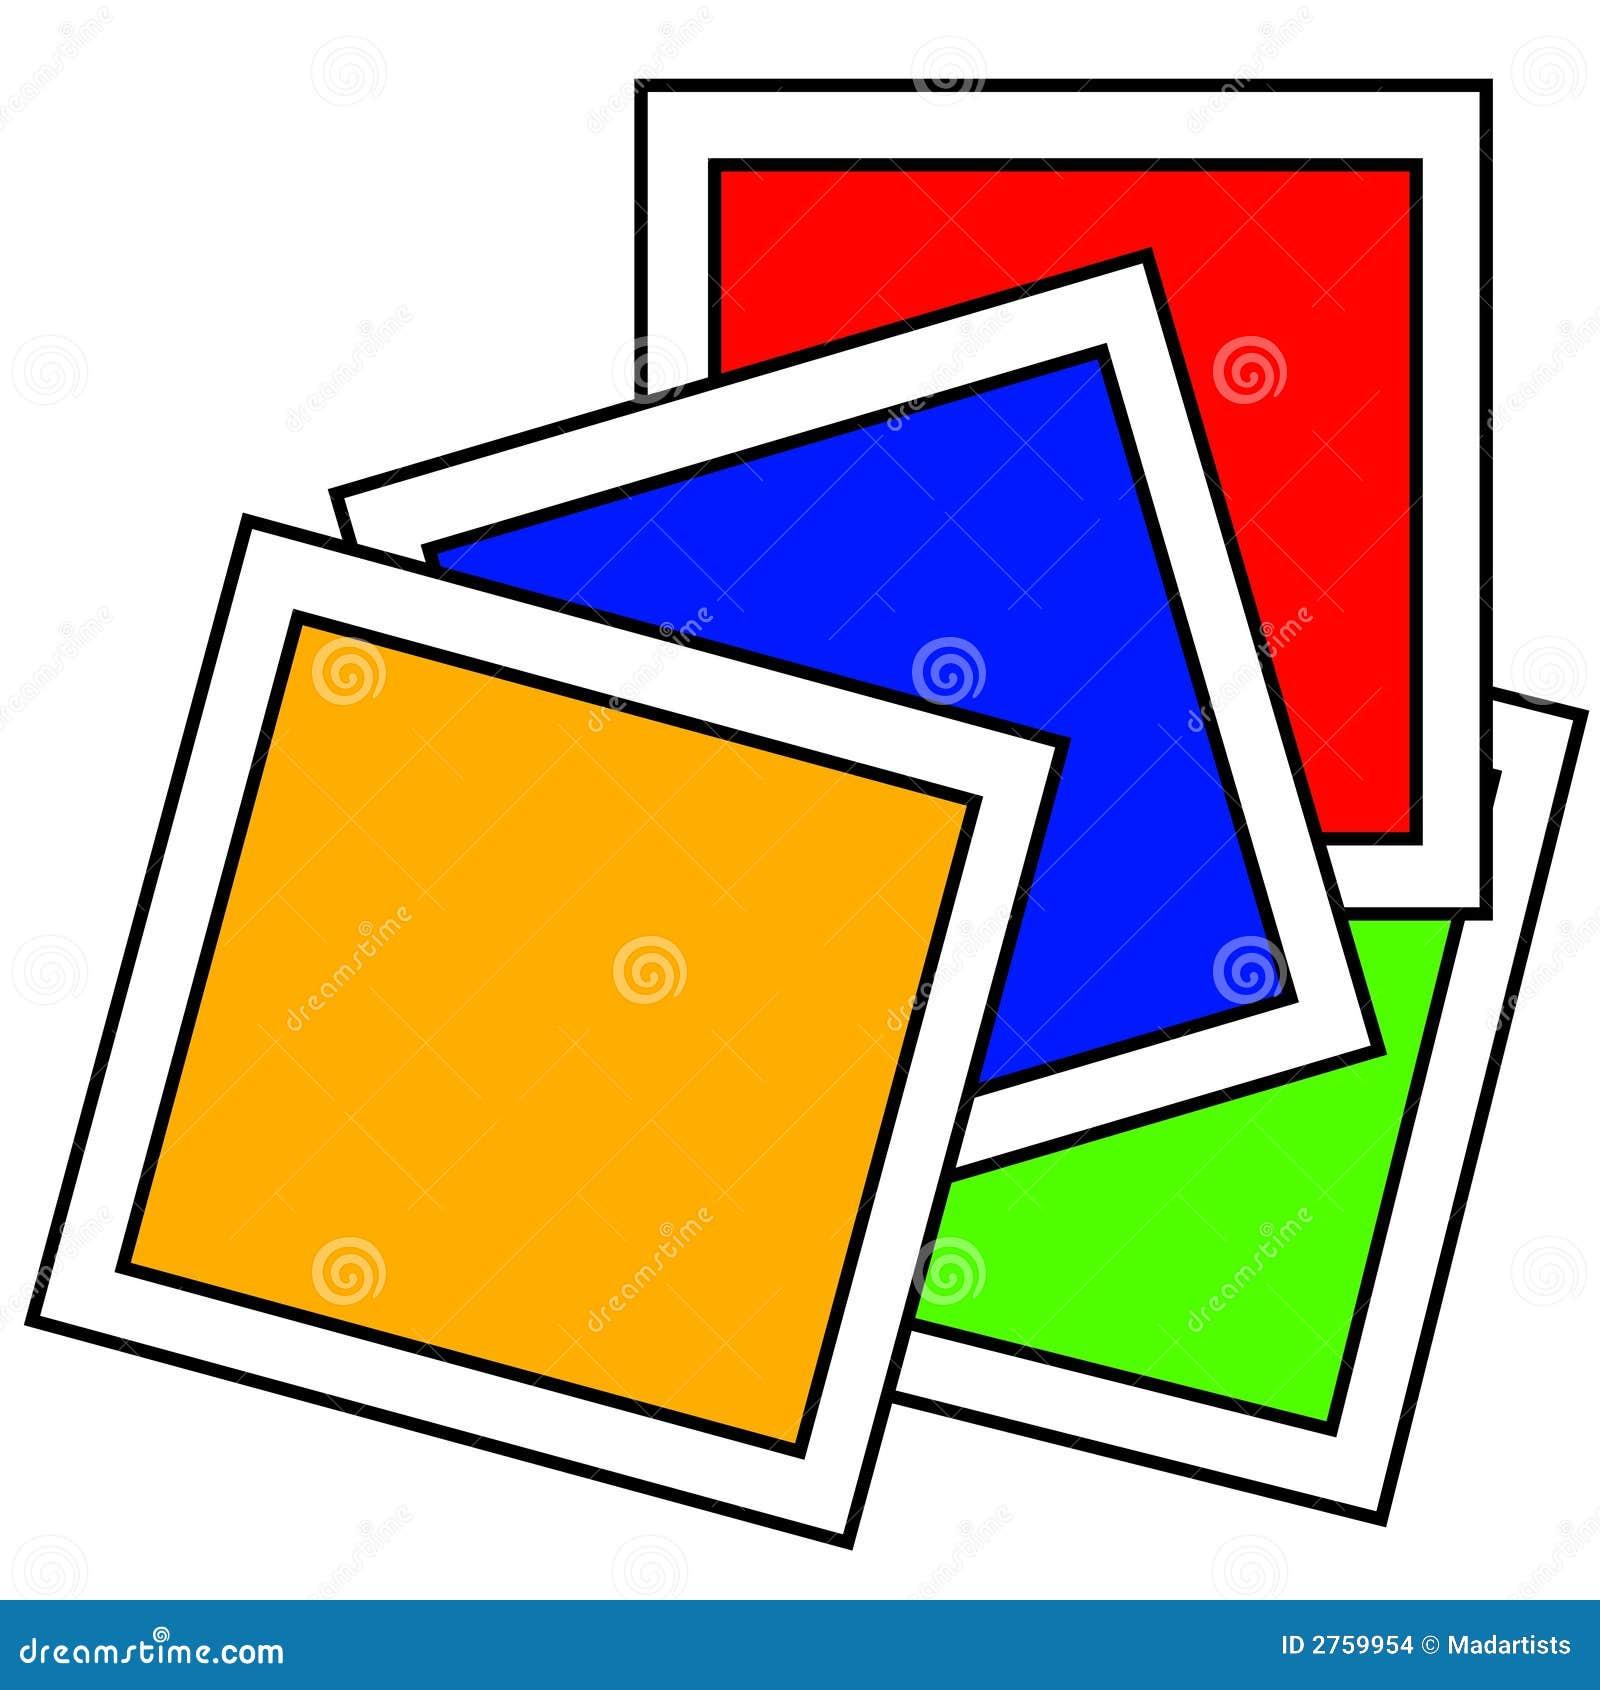 Muestras de la pintura de los colores primarios imagenes for Muestras de colores de pintura